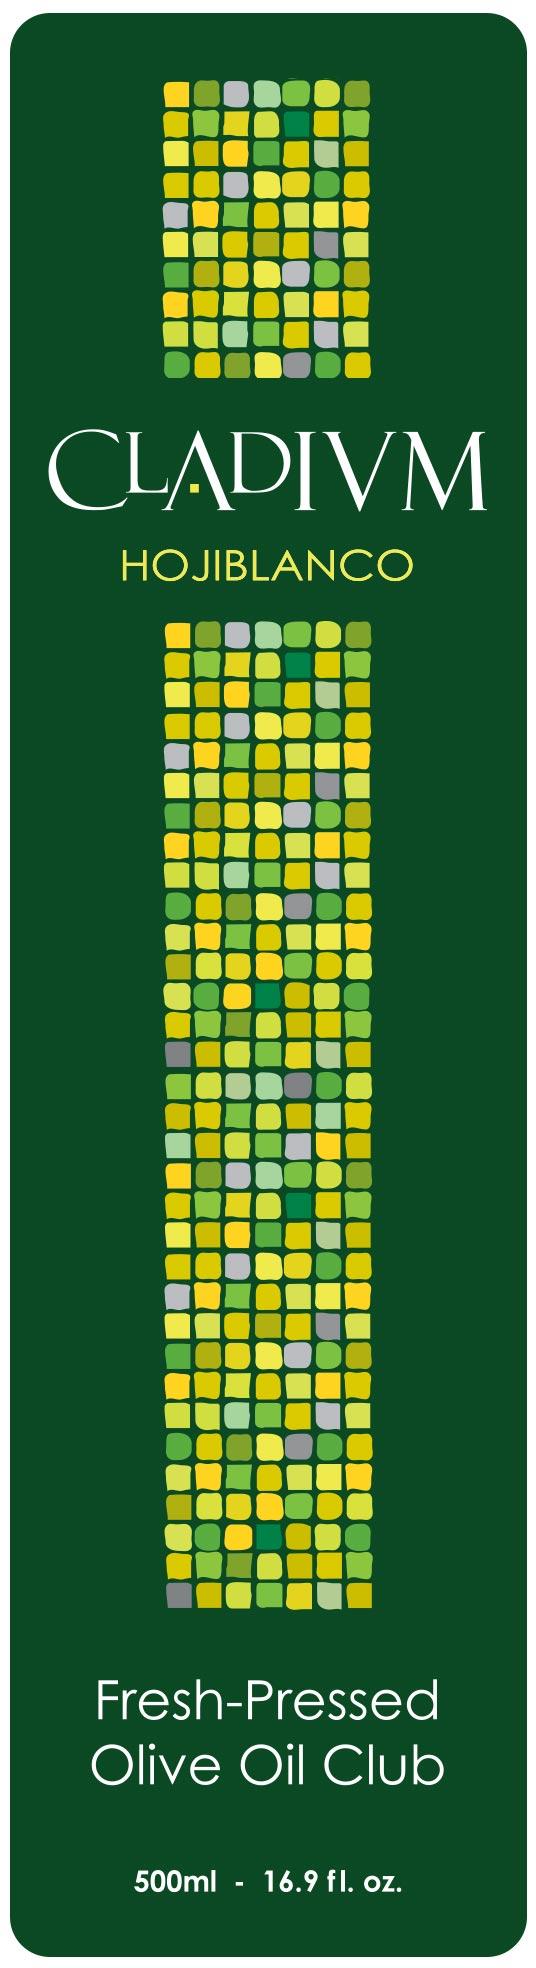 Cladium Fresh-Pressed Olive Oil Club